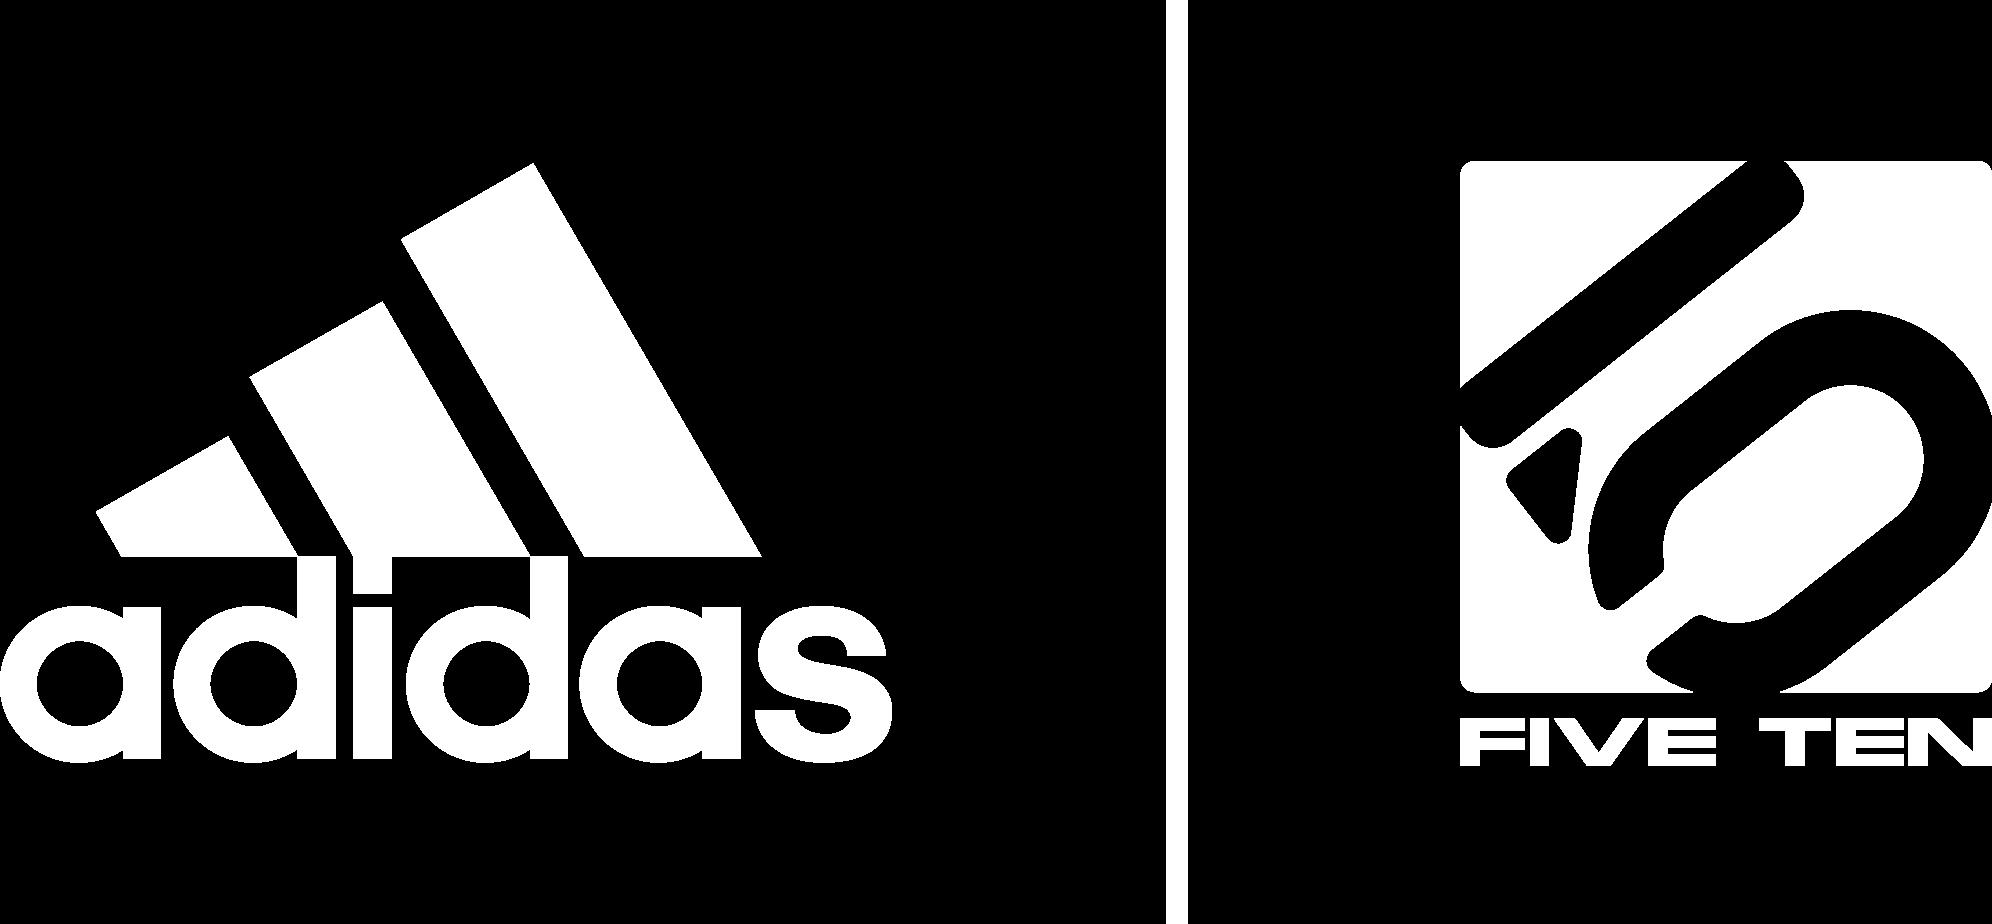 adidas_FiveTen_White.png